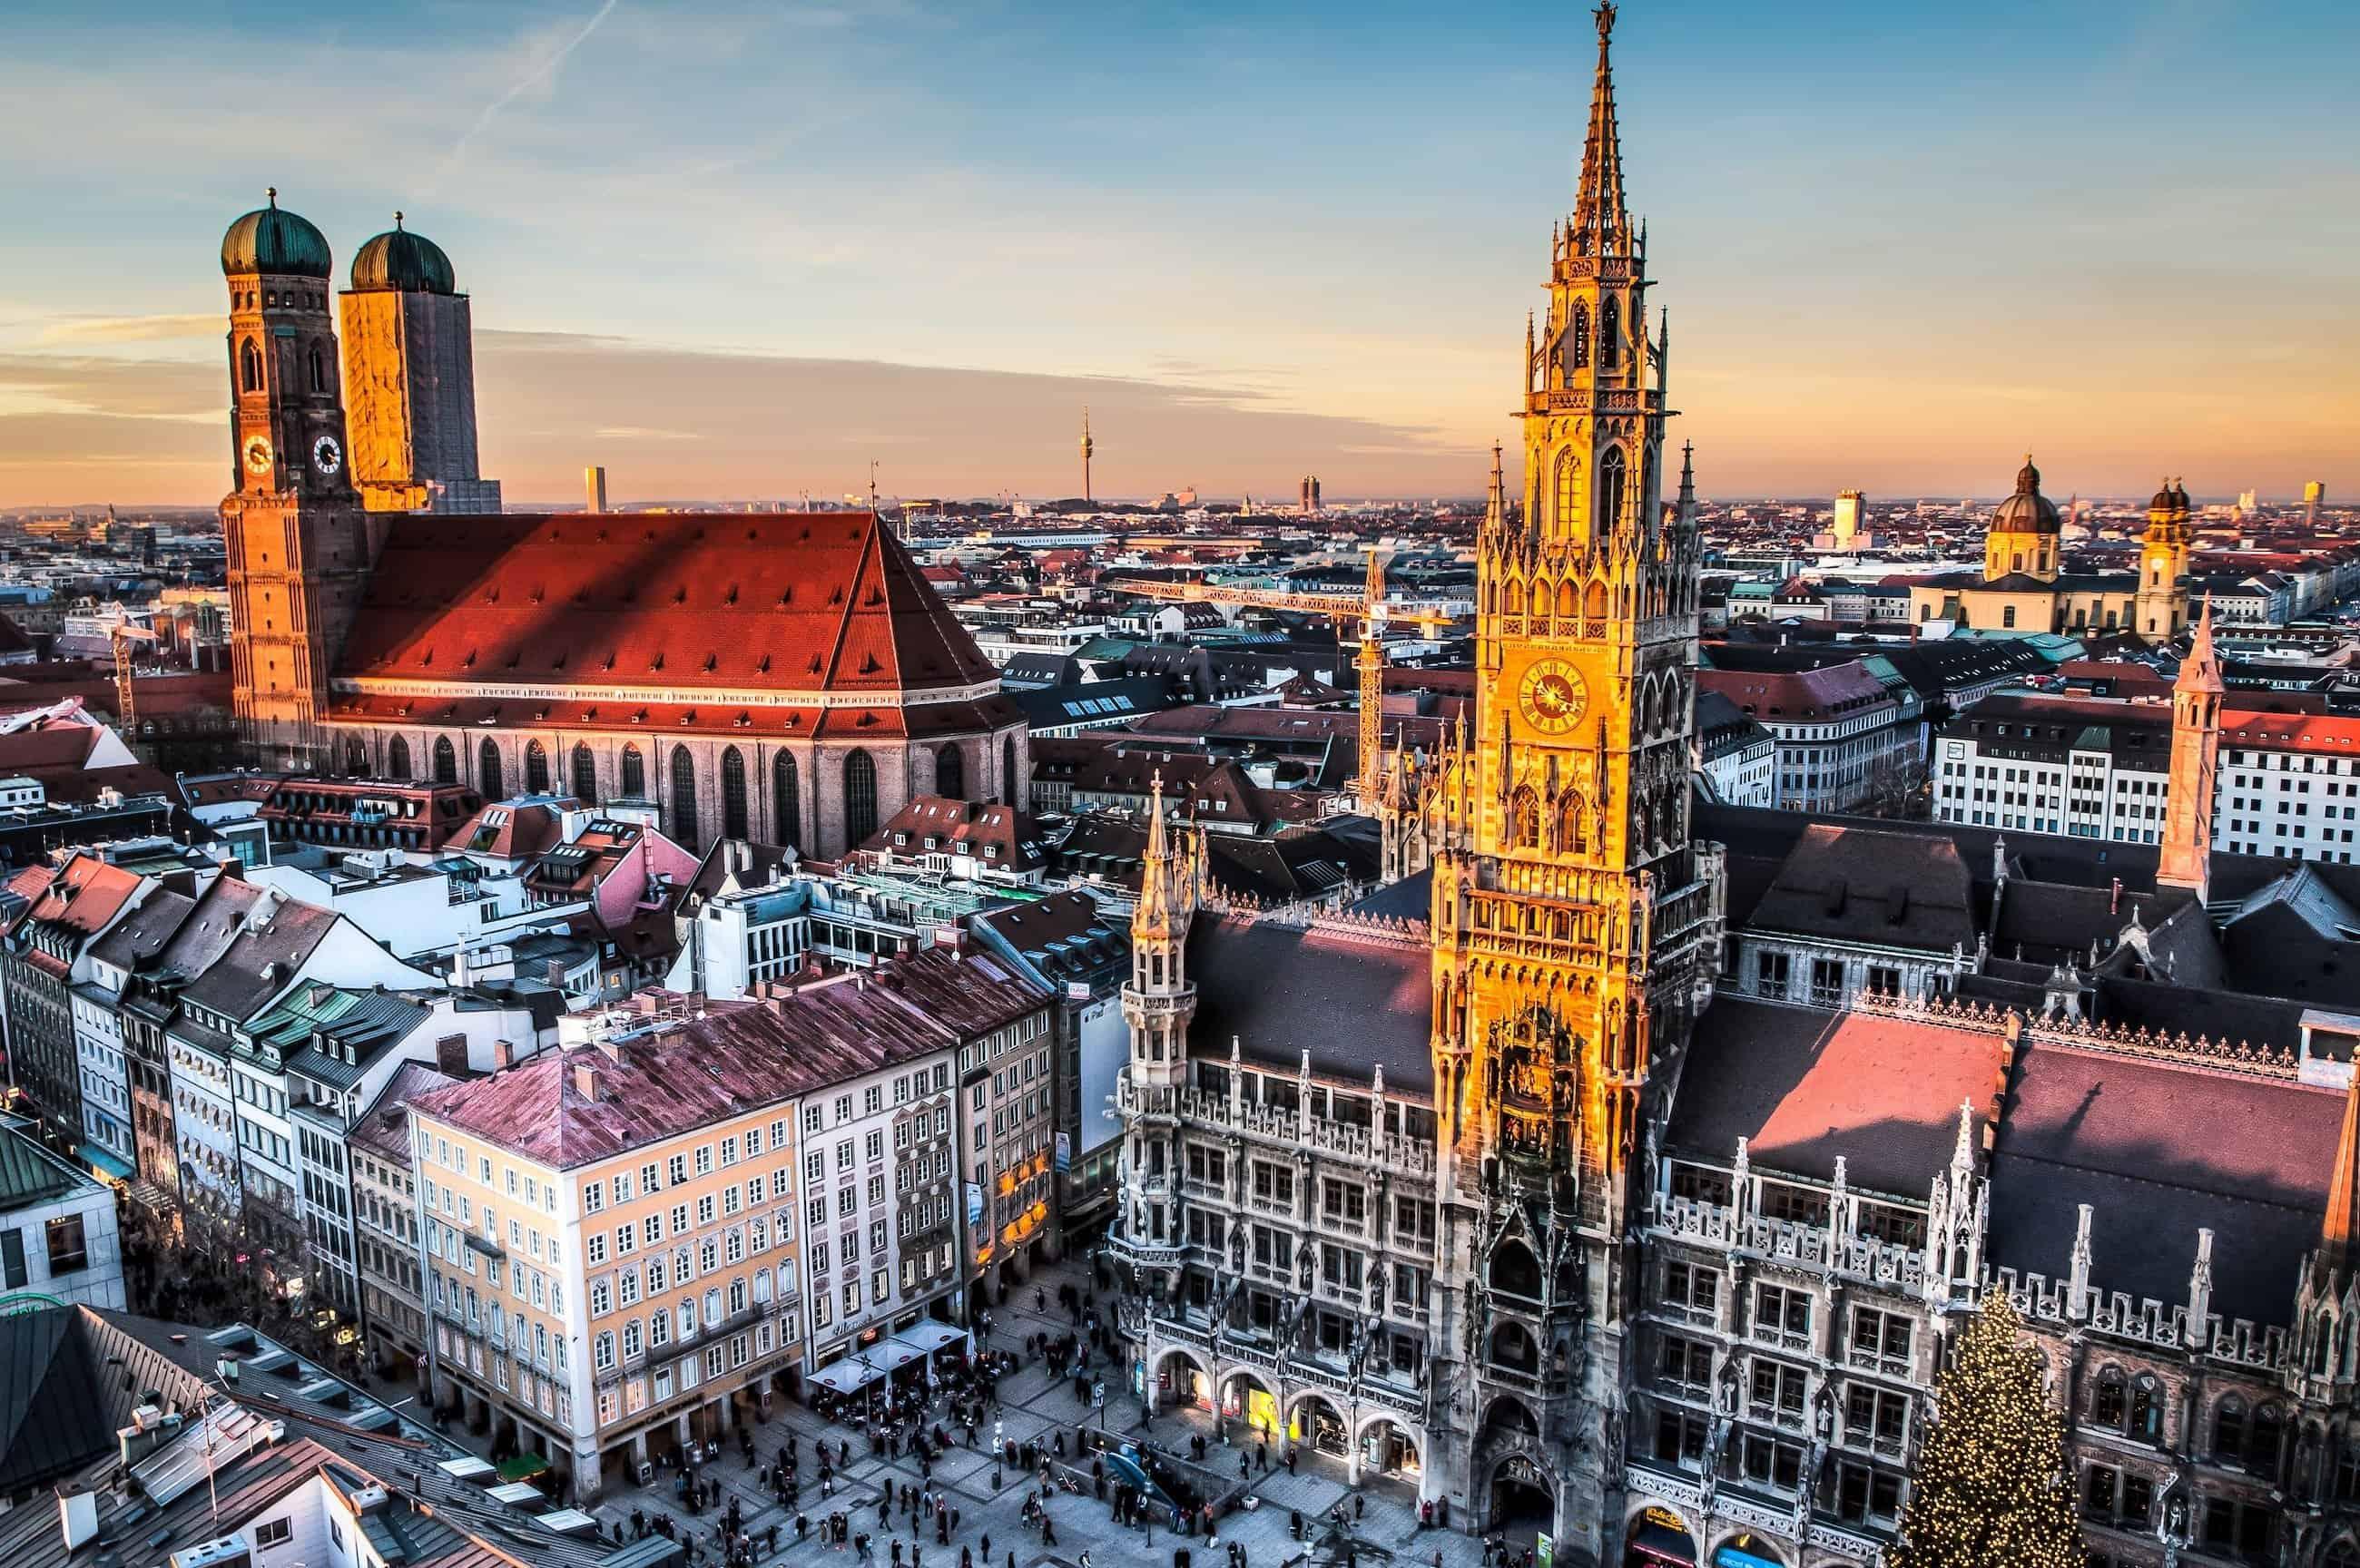 اهم 9 نصائح لـ استئجار سيارة في ميونخ المانيا